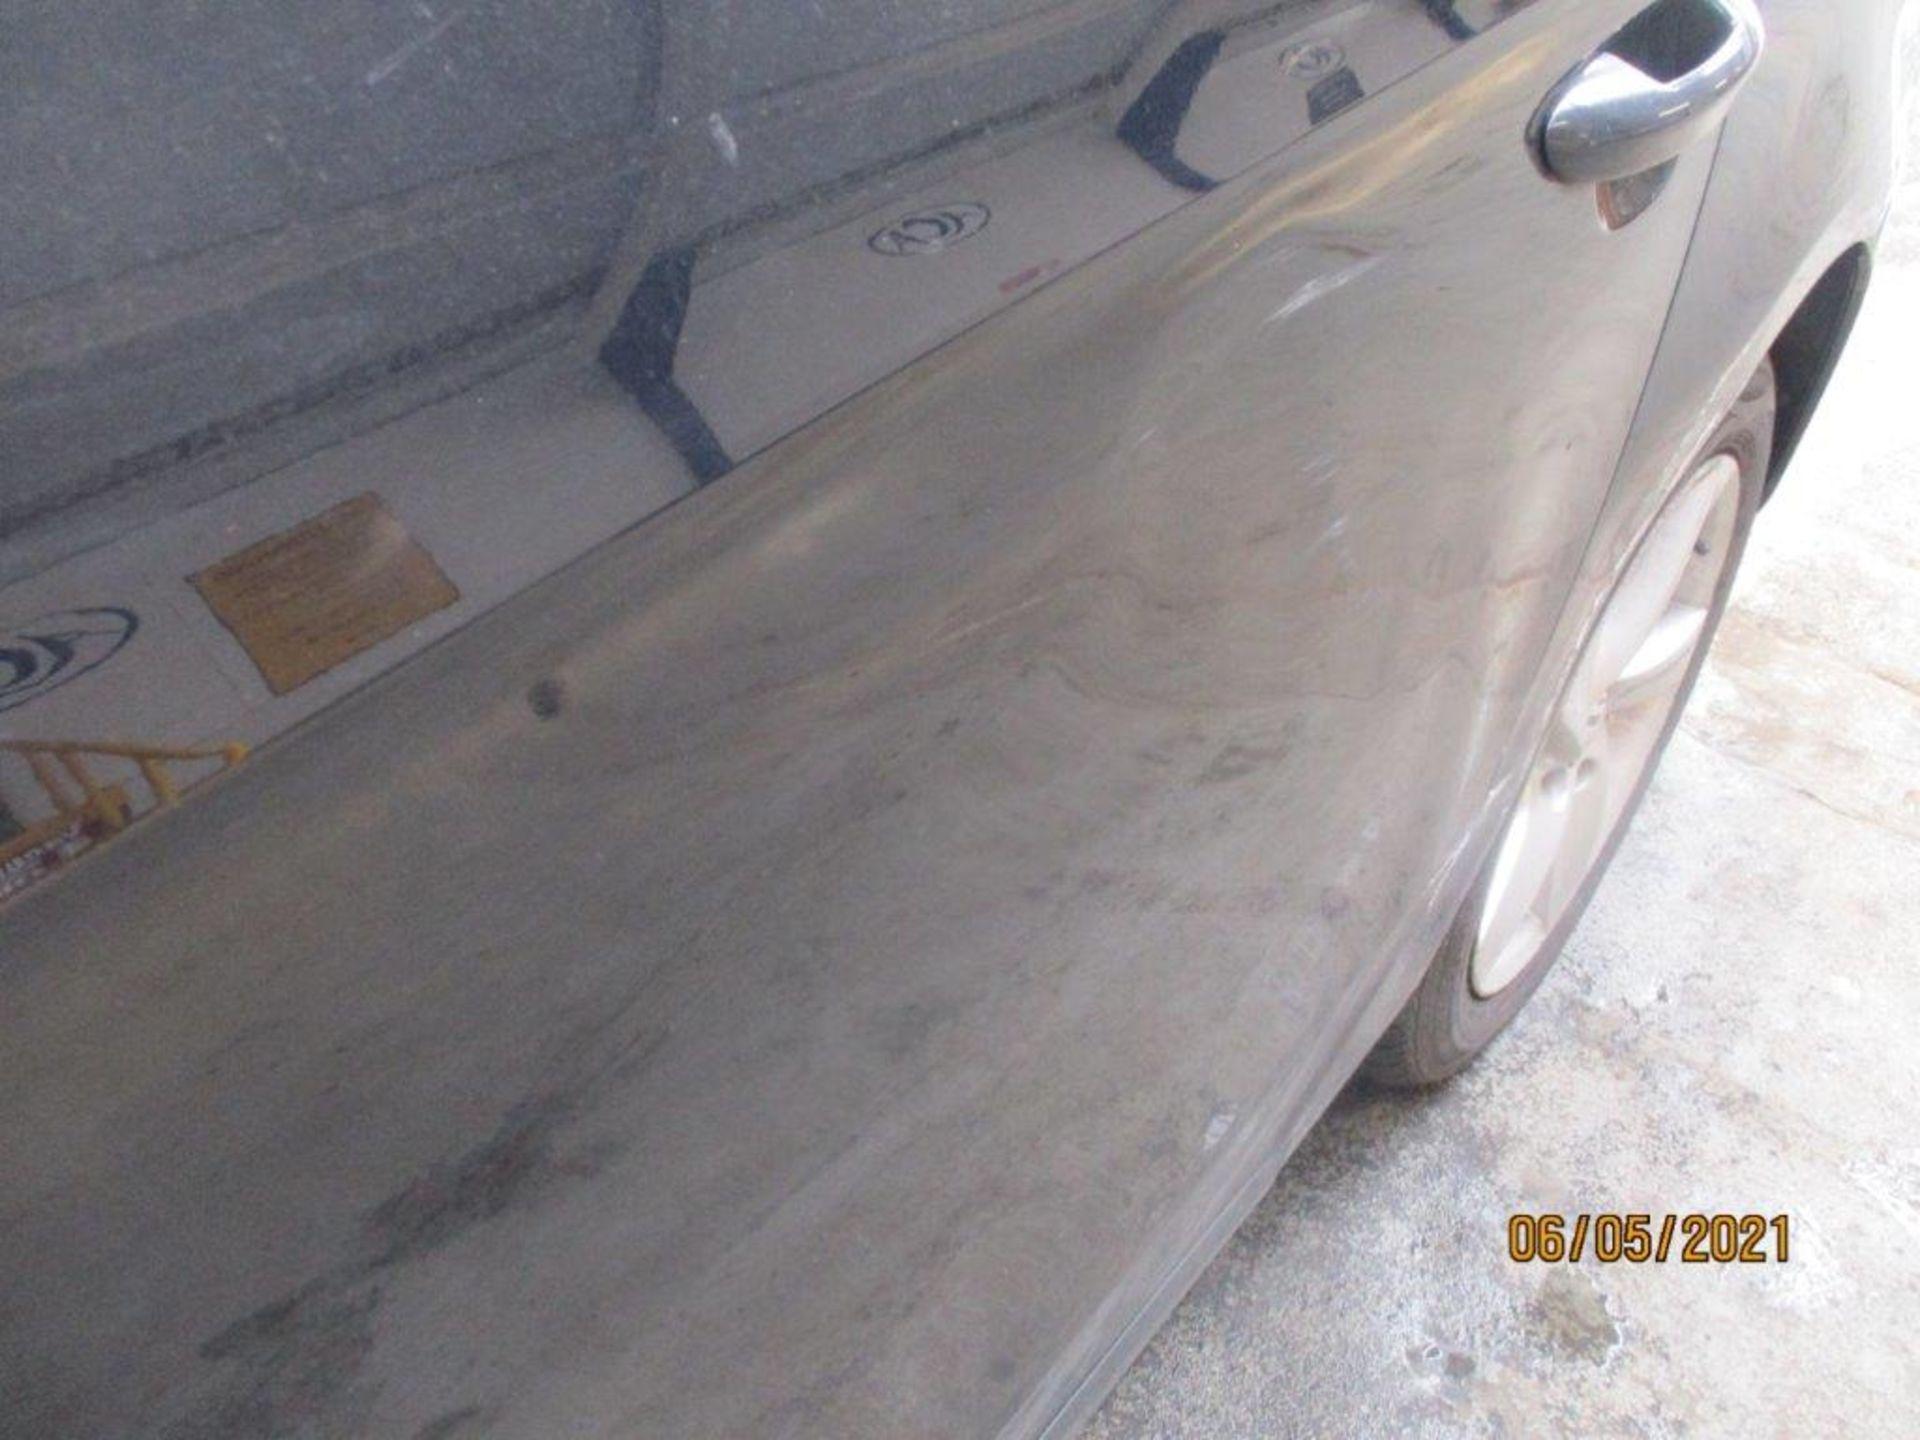 13 13 VW Passat S Bluemotion Tech - Image 6 of 29